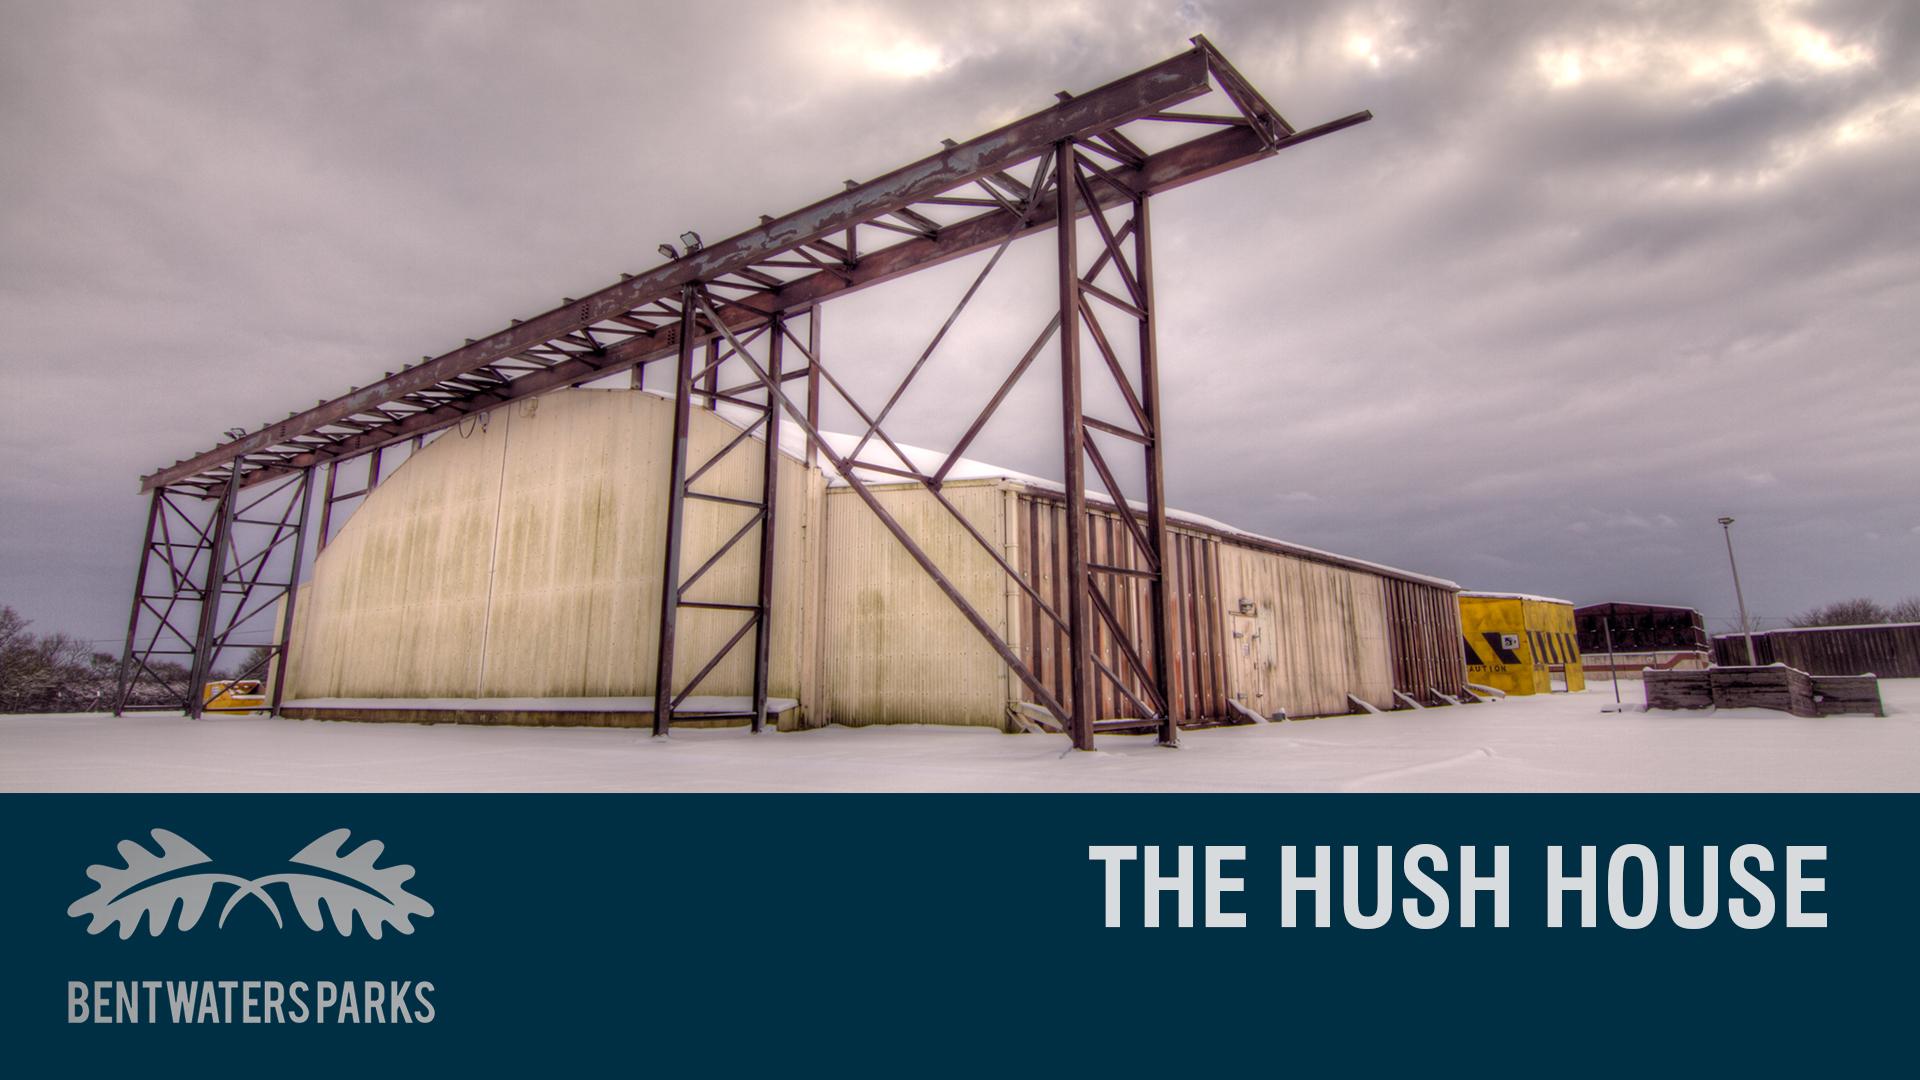 THE HUSH HOUSE